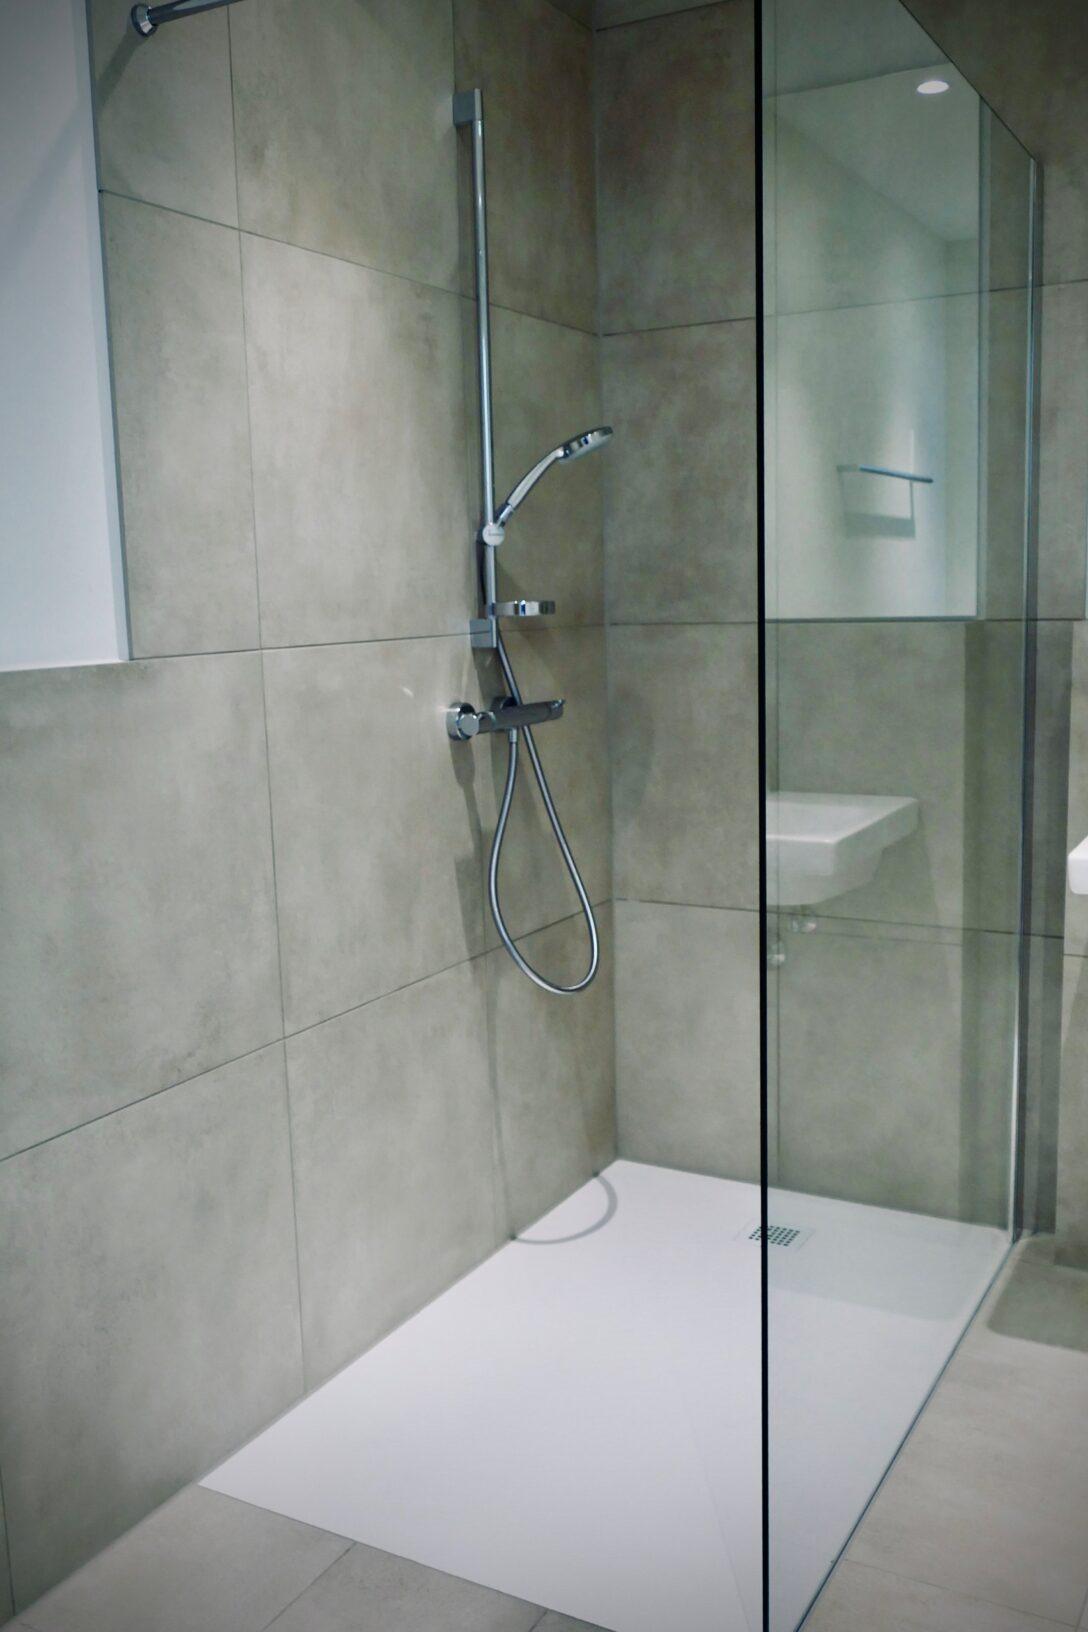 Large Size of Bluetooth Lautsprecher Dusche Bodengleiche Einbauen Ebenerdige Kosten Glaswand Bidet Grohe Thermostat Behindertengerechte Schulte Duschen Badewanne Mit Kaufen Dusche Glastrennwand Dusche